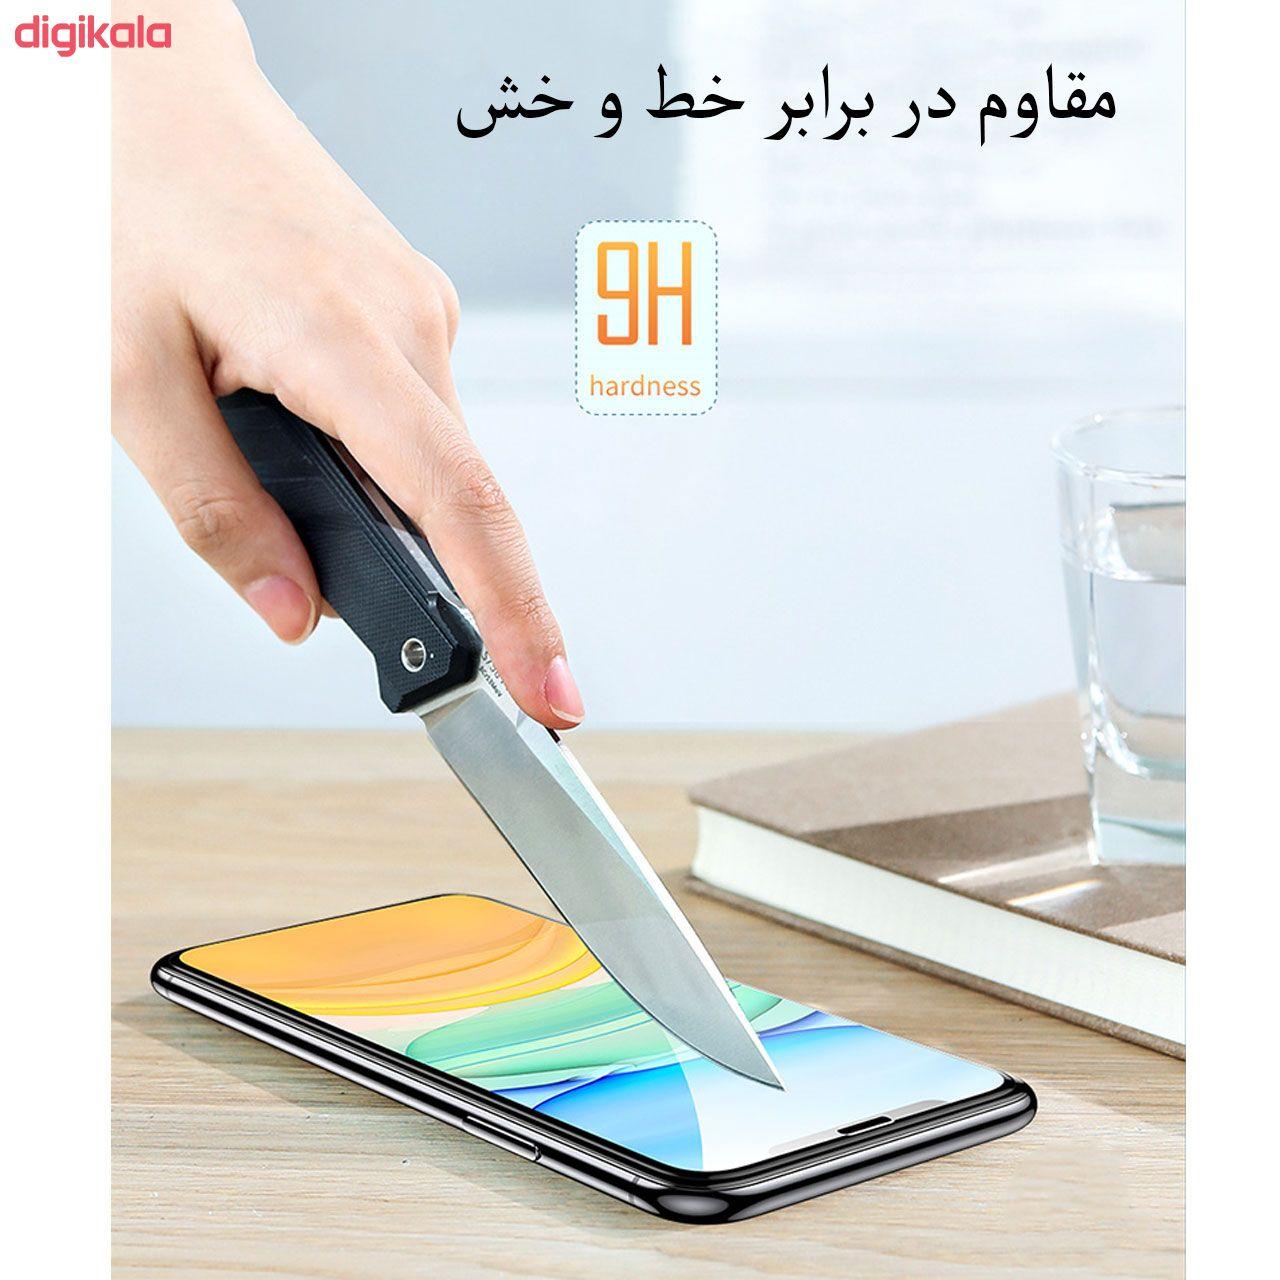 محافظ صفحه نمایش مدل FCG مناسب برای گوشی موبایل اپل iPhone 12 mini بسته دو عددی main 1 7